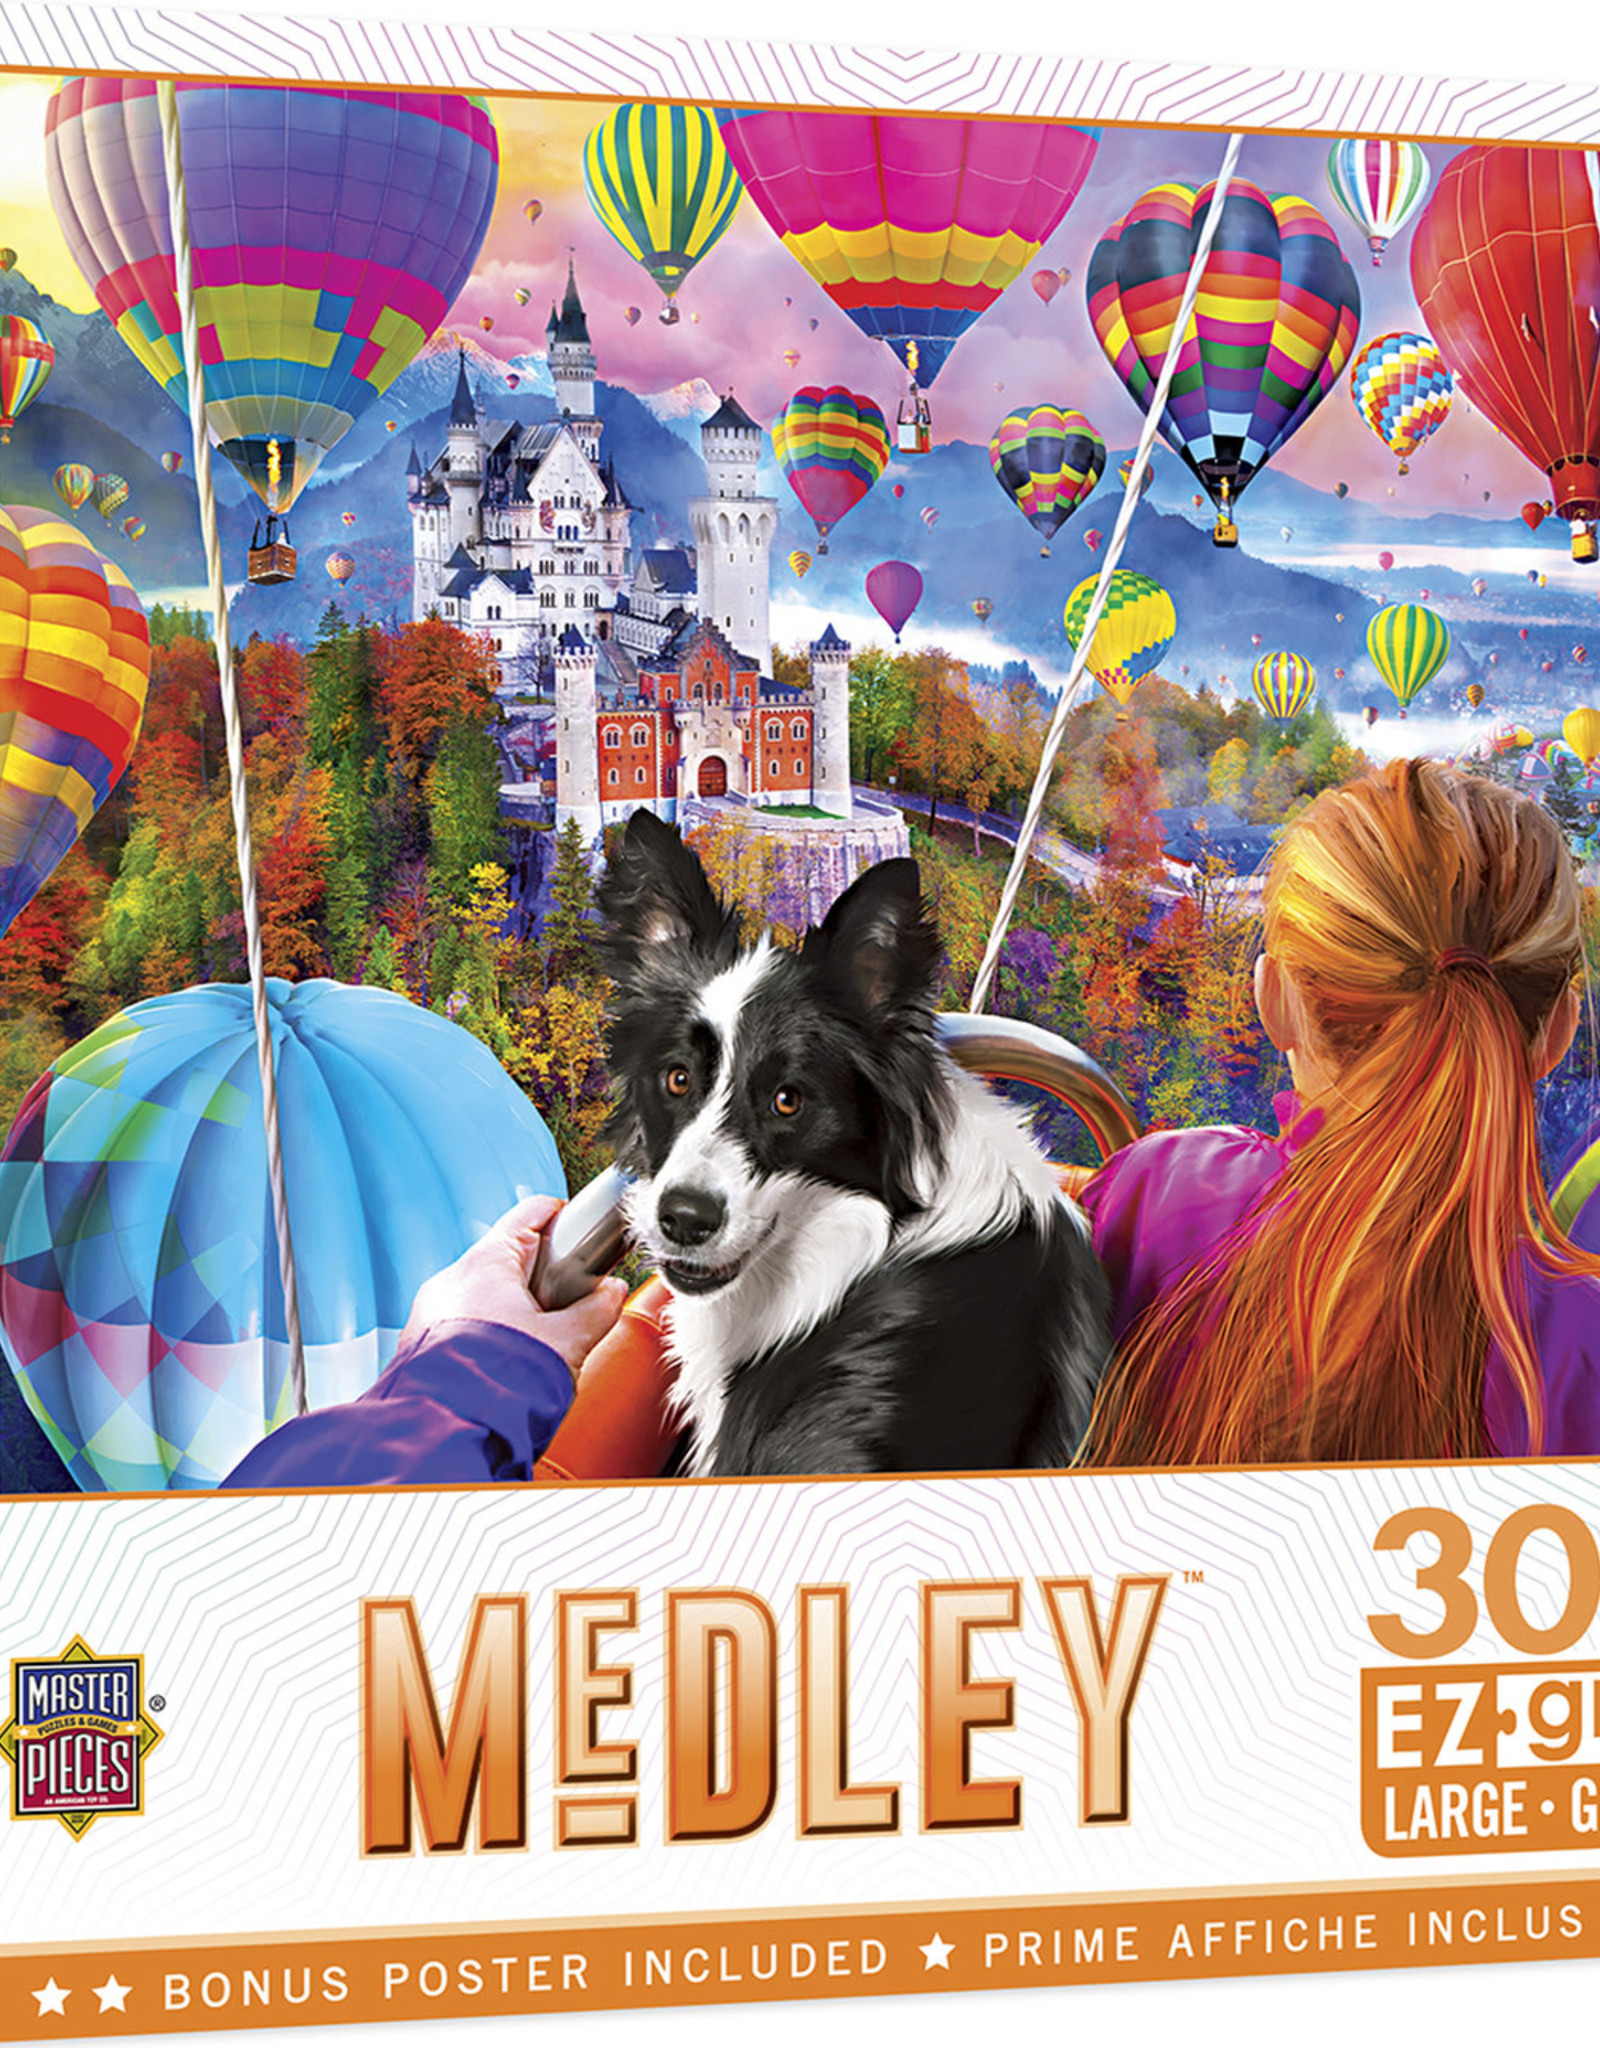 Master Pieces 300pc Medley - Neuschwanstein Balloons EzGrip Puzzle